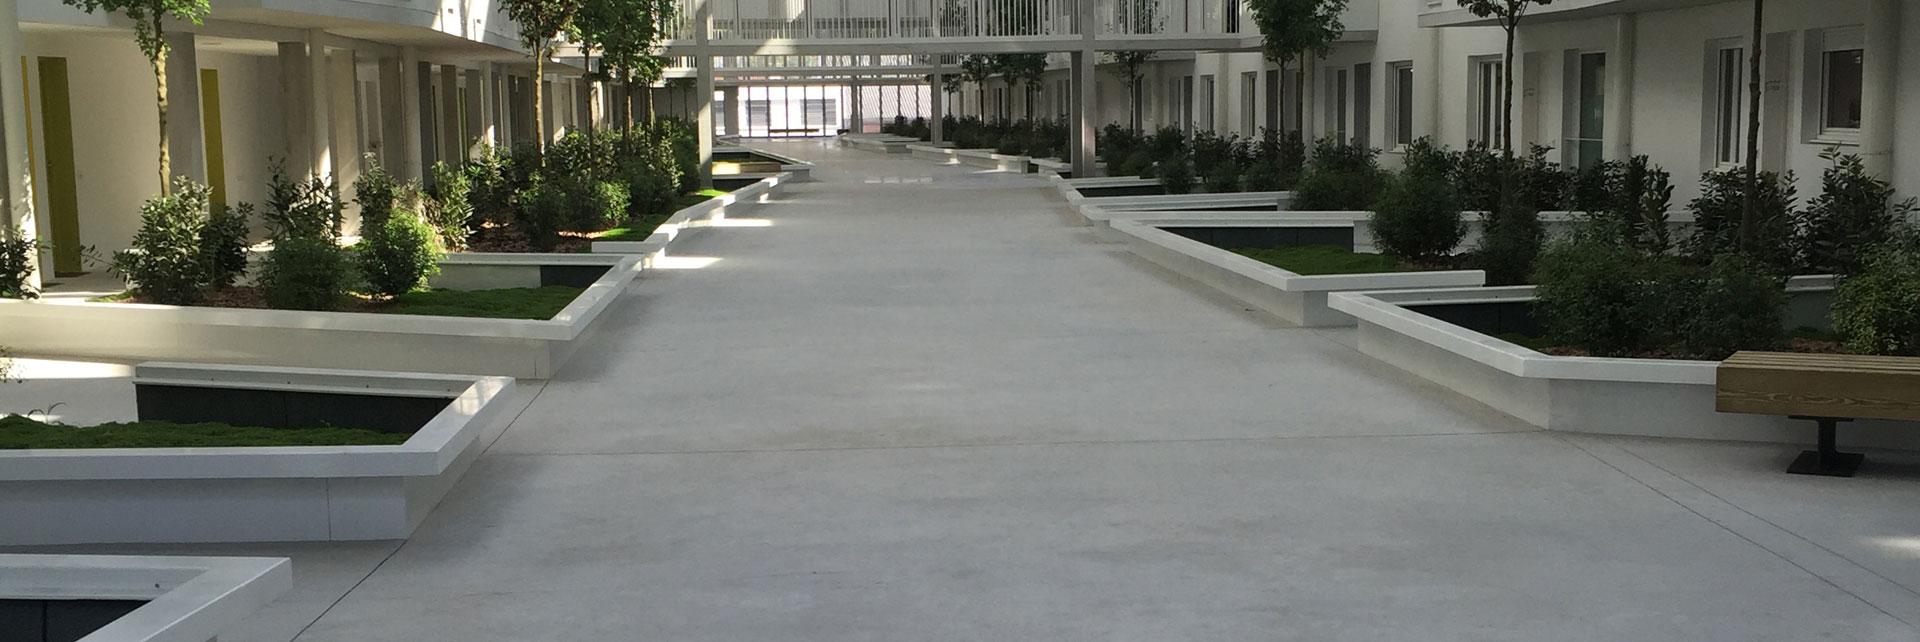 eurochap dalles beton gironde